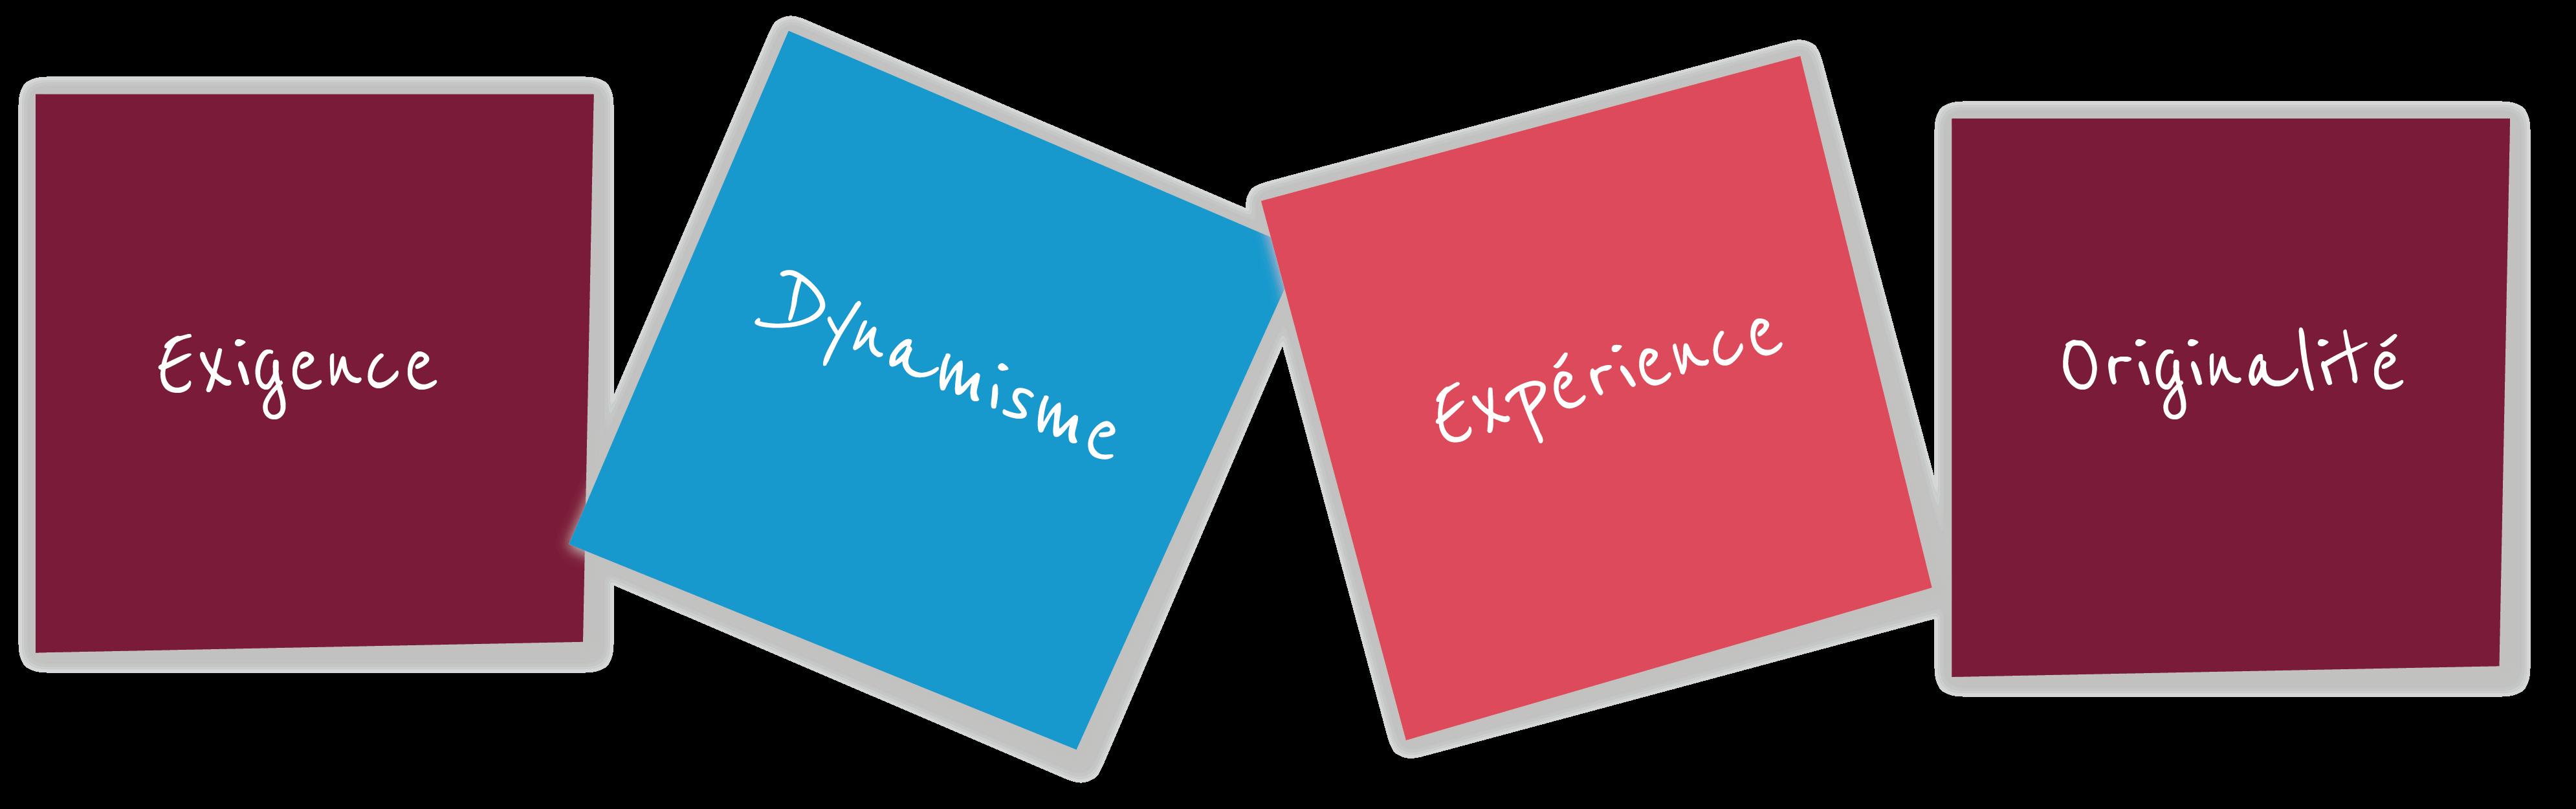 Post-it des mots clés : Exigence, dynamisme, expérience, originalité